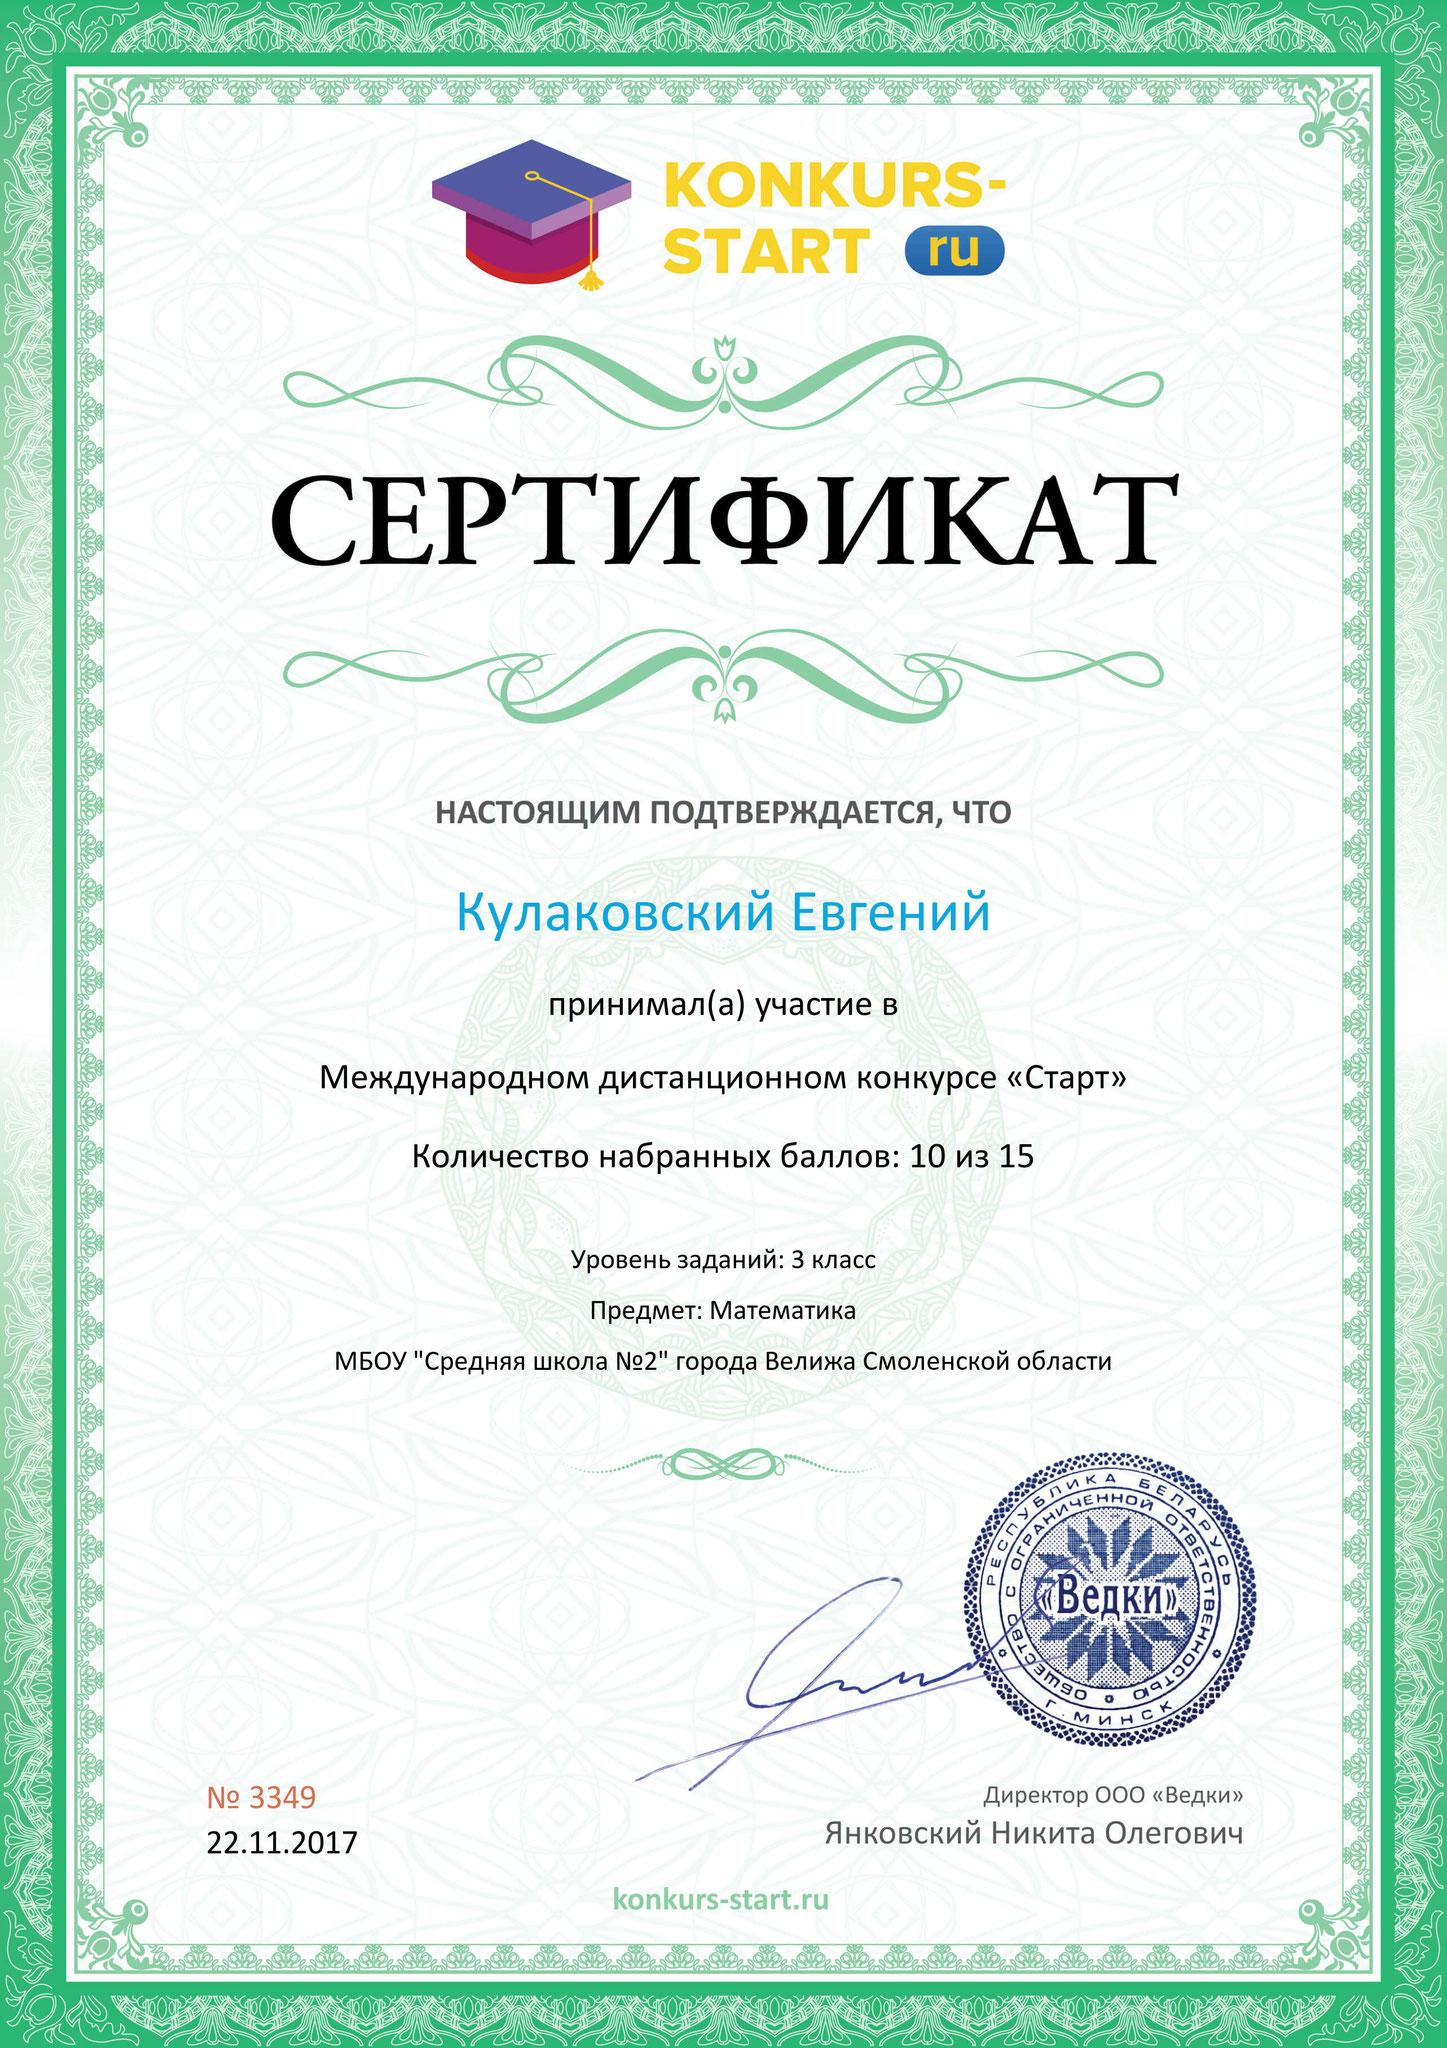 Кулаковский Евгений